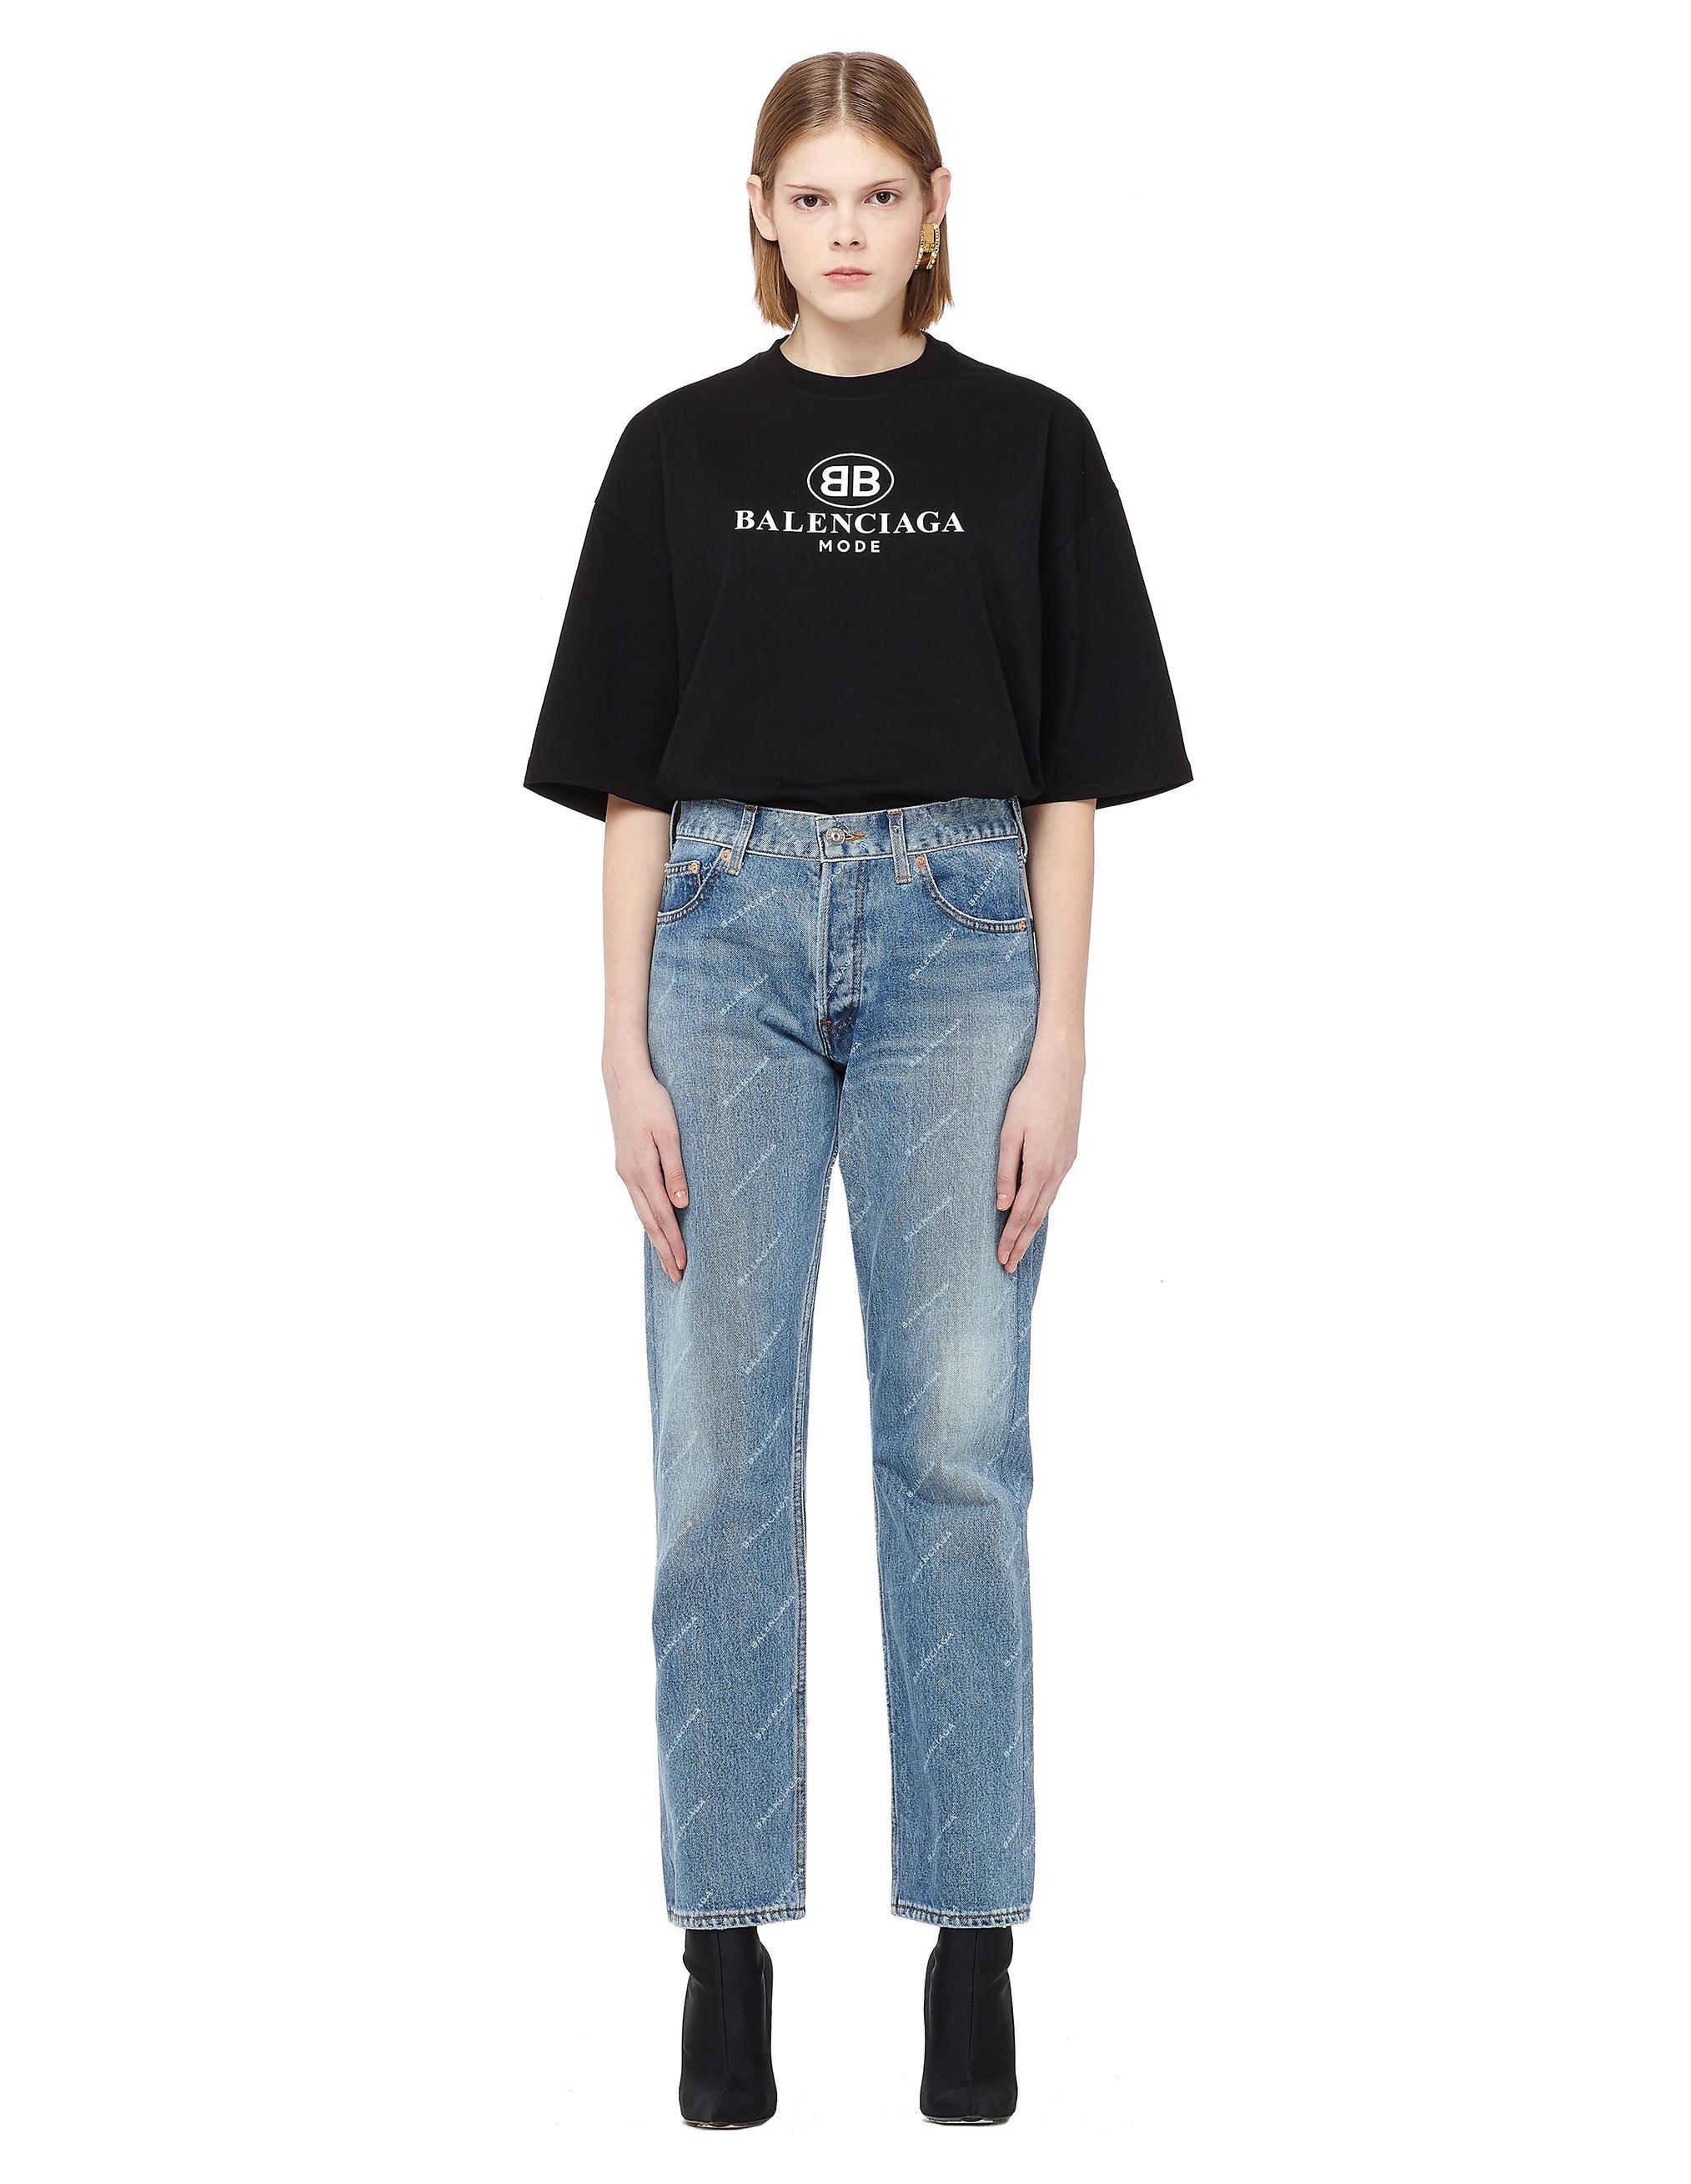 59bd497f35b4 Lyst - Balenciaga Logo Printed Jeans in Blue